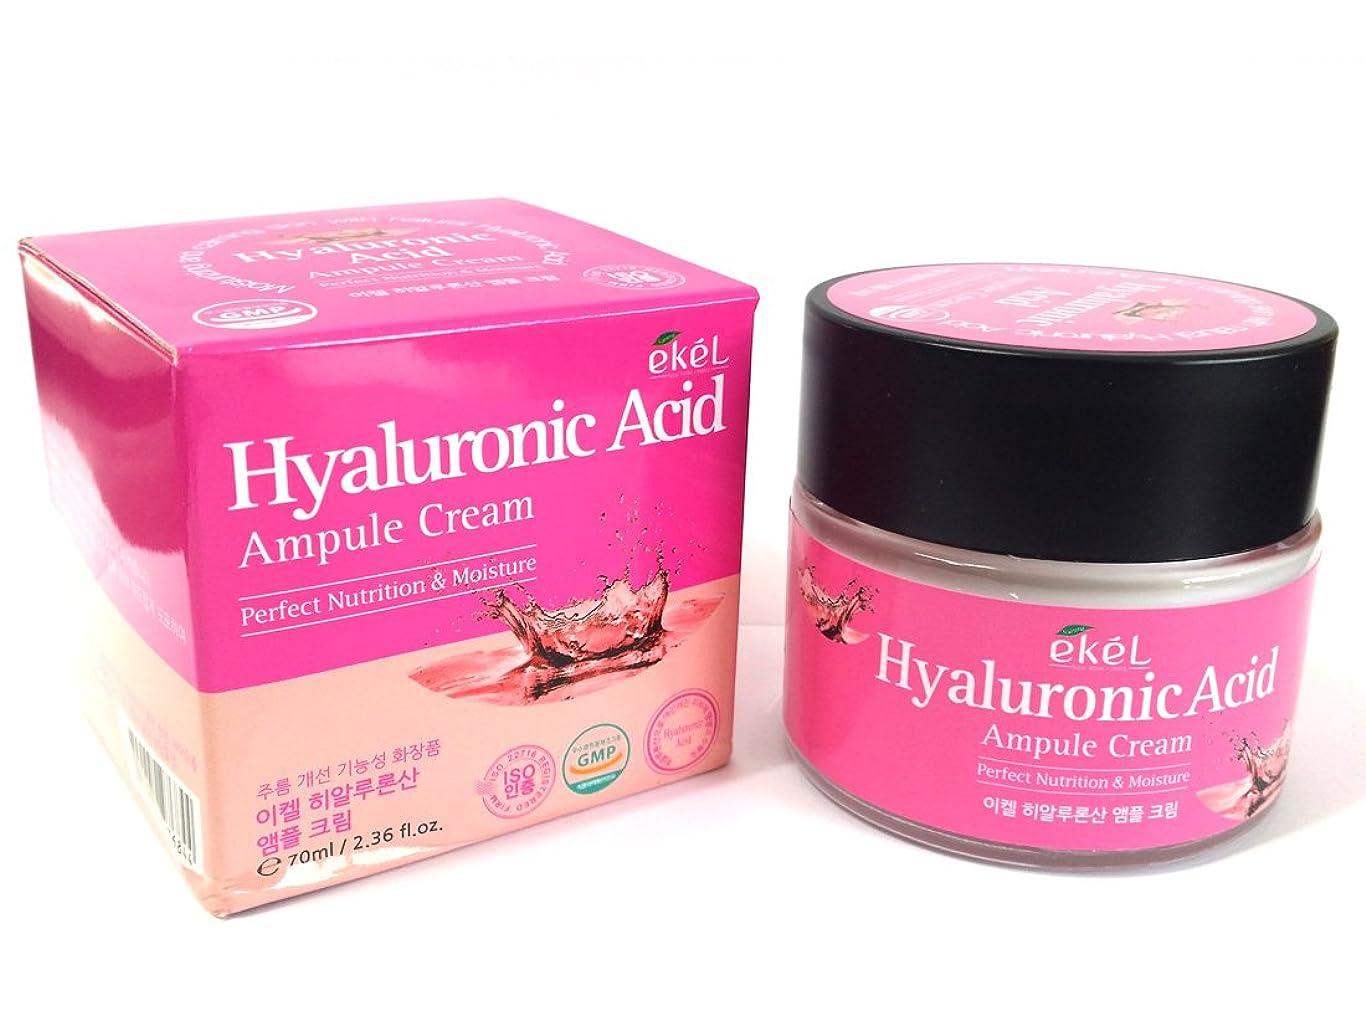 専ら逃げる発生[EKEL] ヒアルロン酸アンプルクリーム70ml / 完璧な栄養と水分 / 韓国化粧品/ Hyaluronic Acid Ampule Cream 70ml / Perfect Nutrition & Moisture / Korean Cosmetics [並行輸入品]